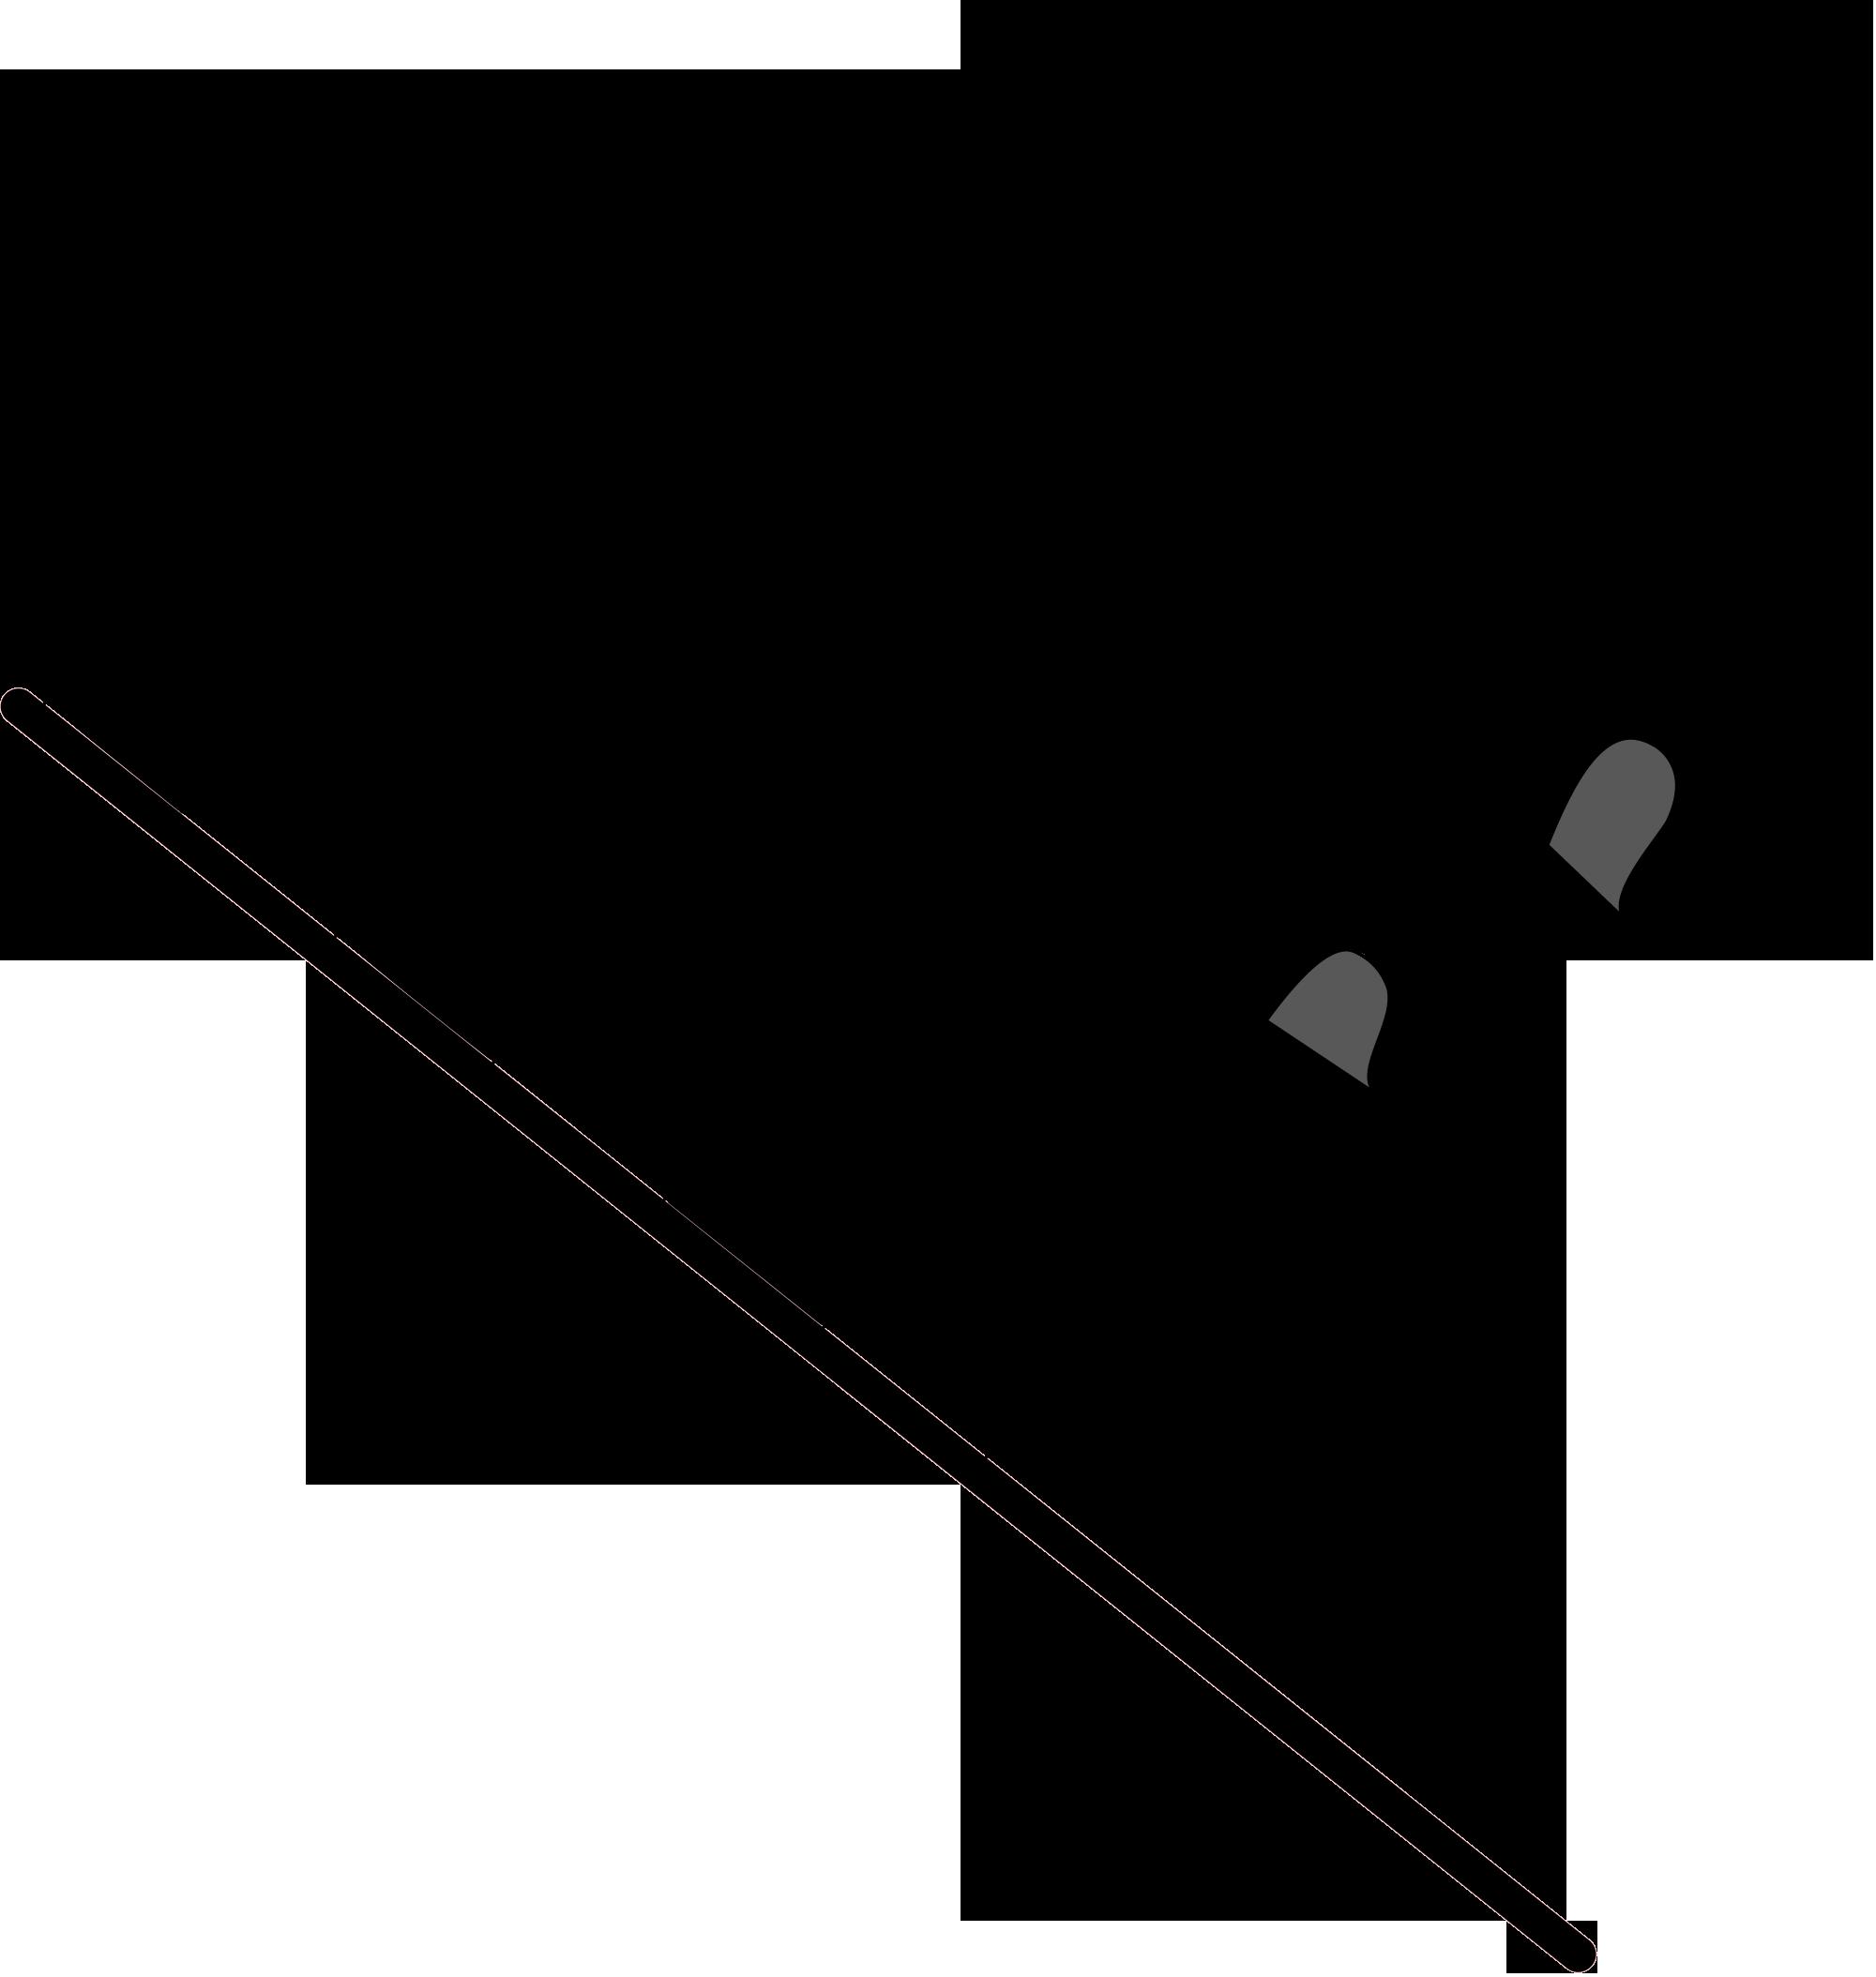 Клетчатый развивающийся финишный флаг